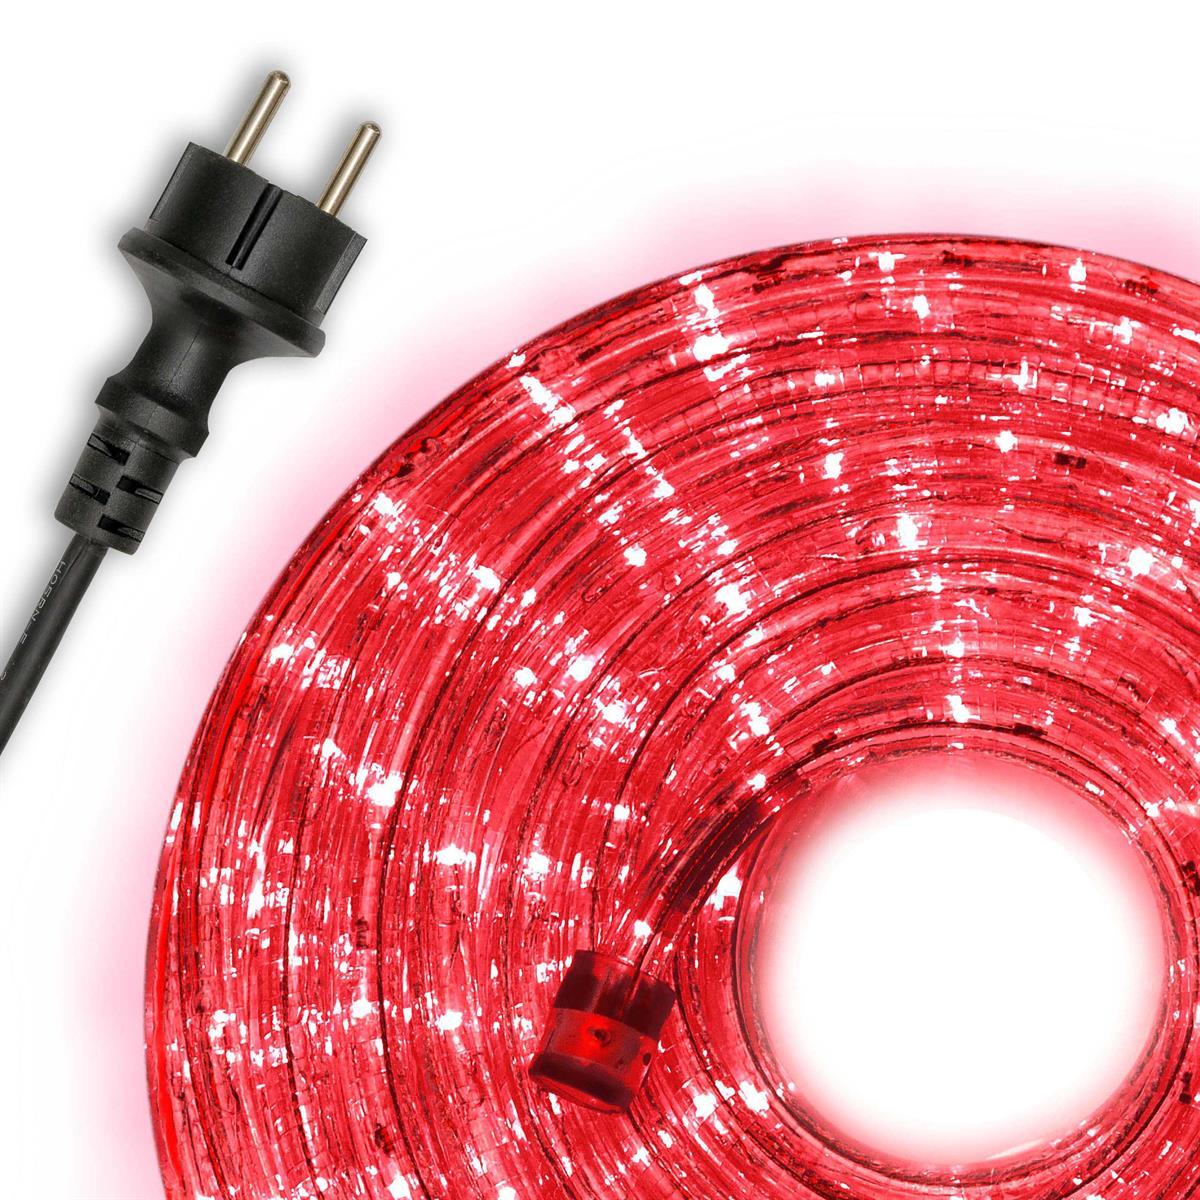 10m LED Lichterschlauch Lichtschlauch rot Innen Außen Weihnachten Partykette